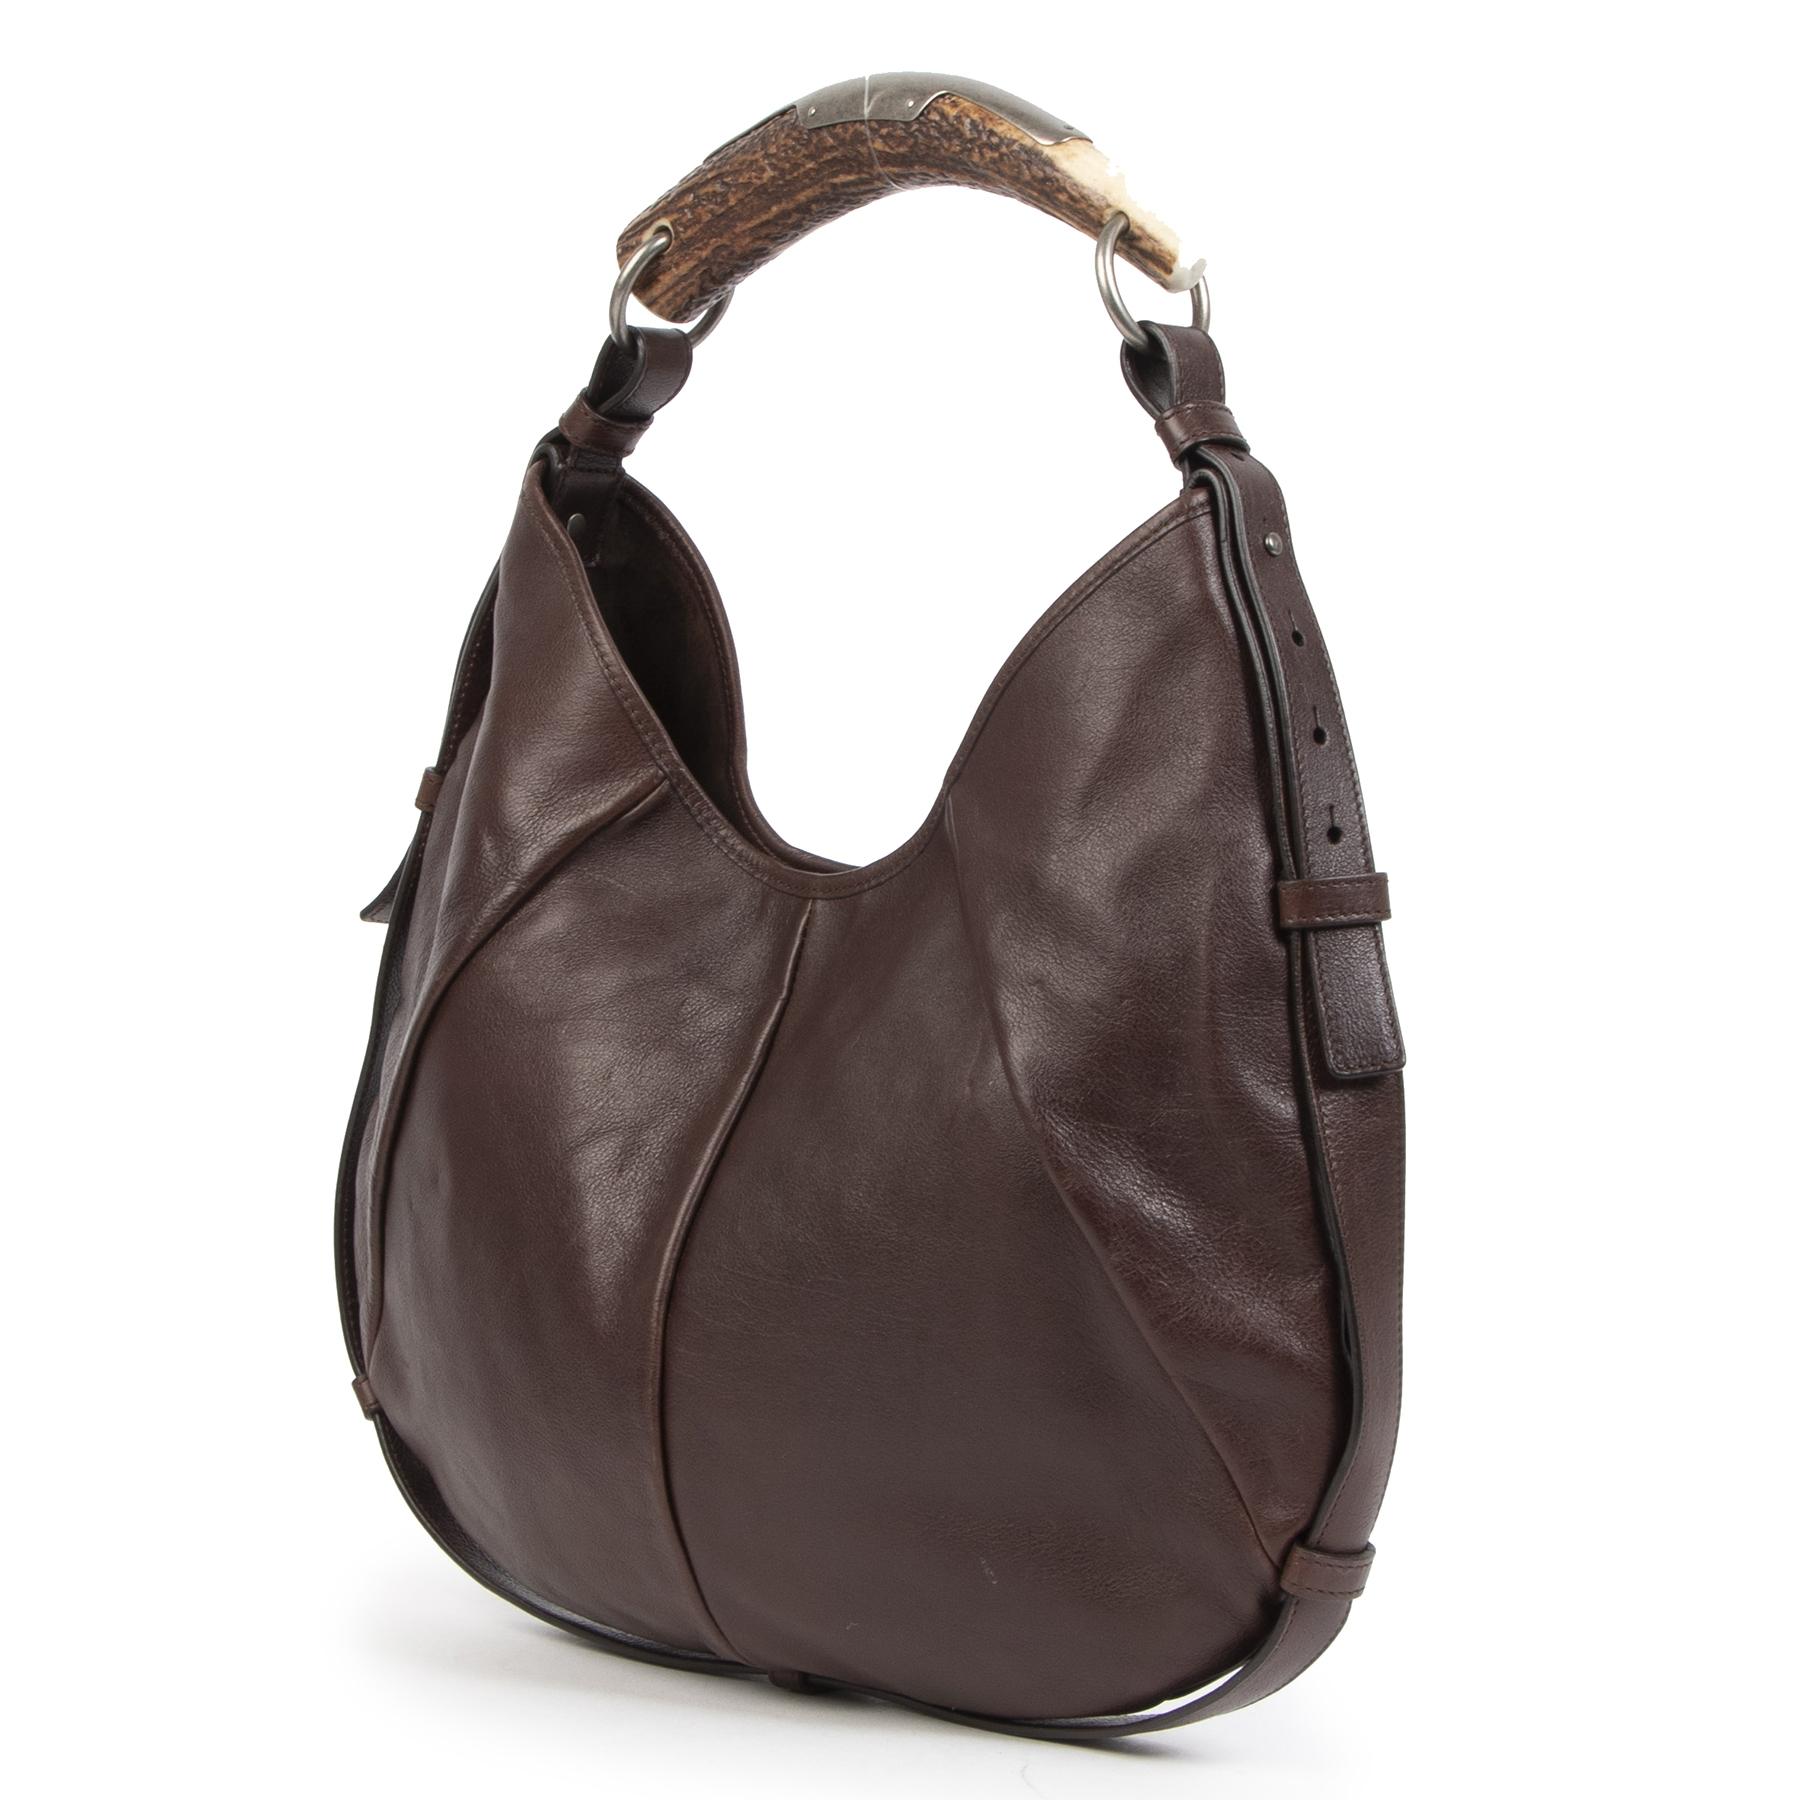 Authentieke Tweedehands Yves Saint Laurent Mombasa Horn Handle Brown Leather Shoulder Bag juiste prijs veilig online shoppen luxe merken webshop winkelen Antwerpen België mode fashion